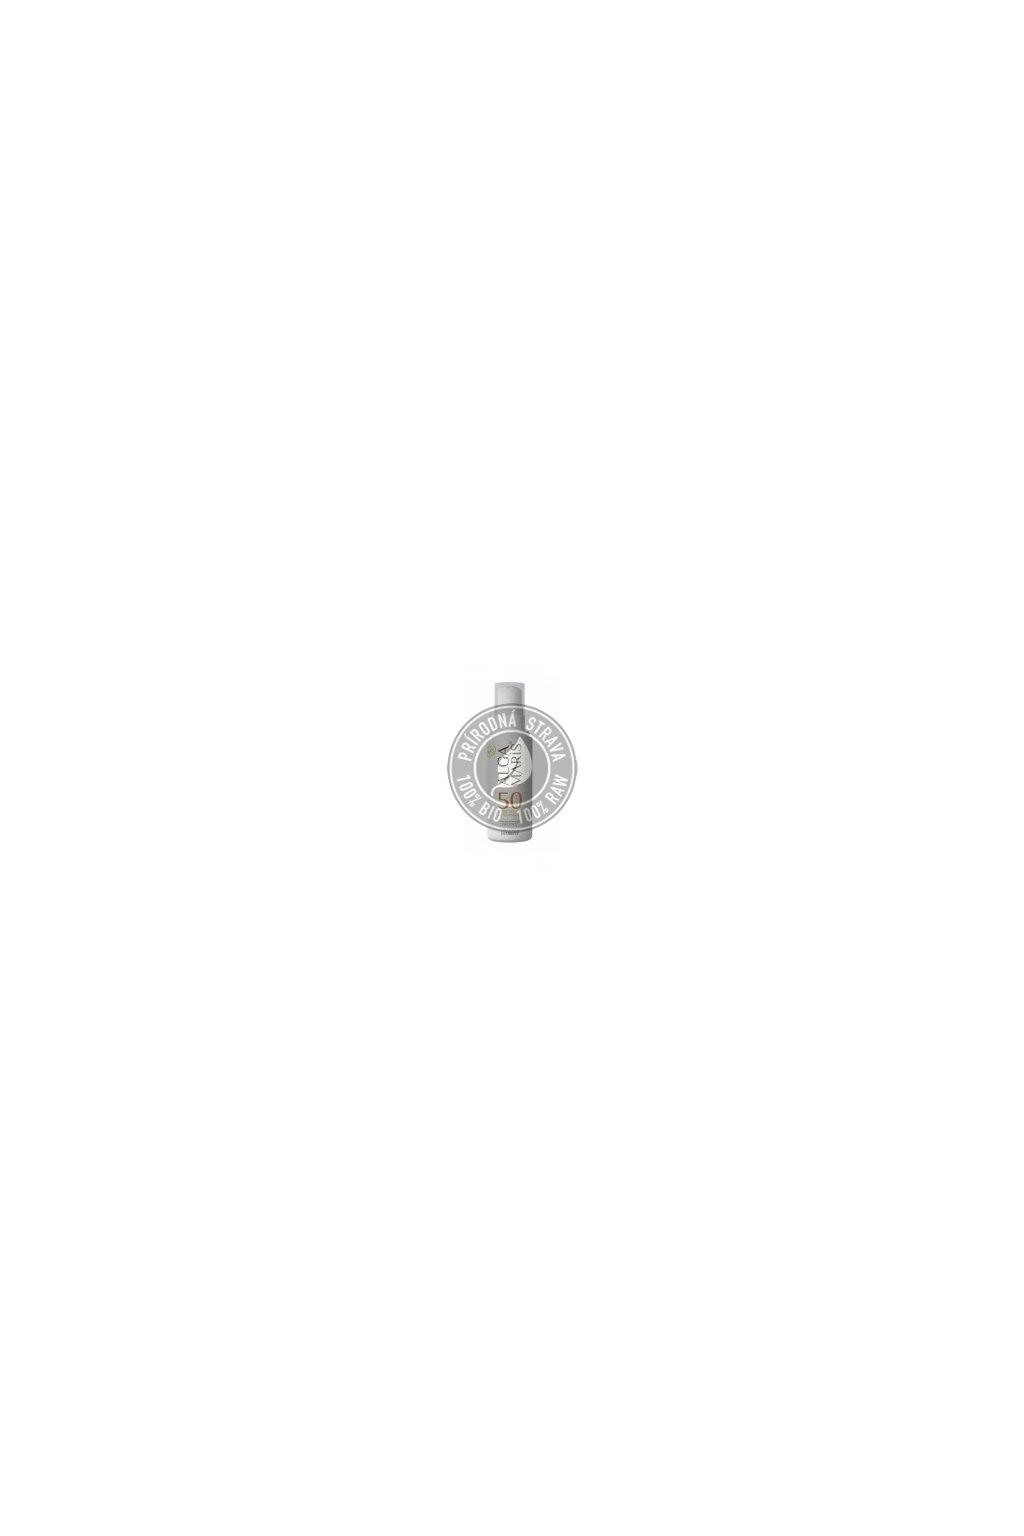 Alga Maris - BIO pleťový krém s faktorom SPF50 - 50 ml